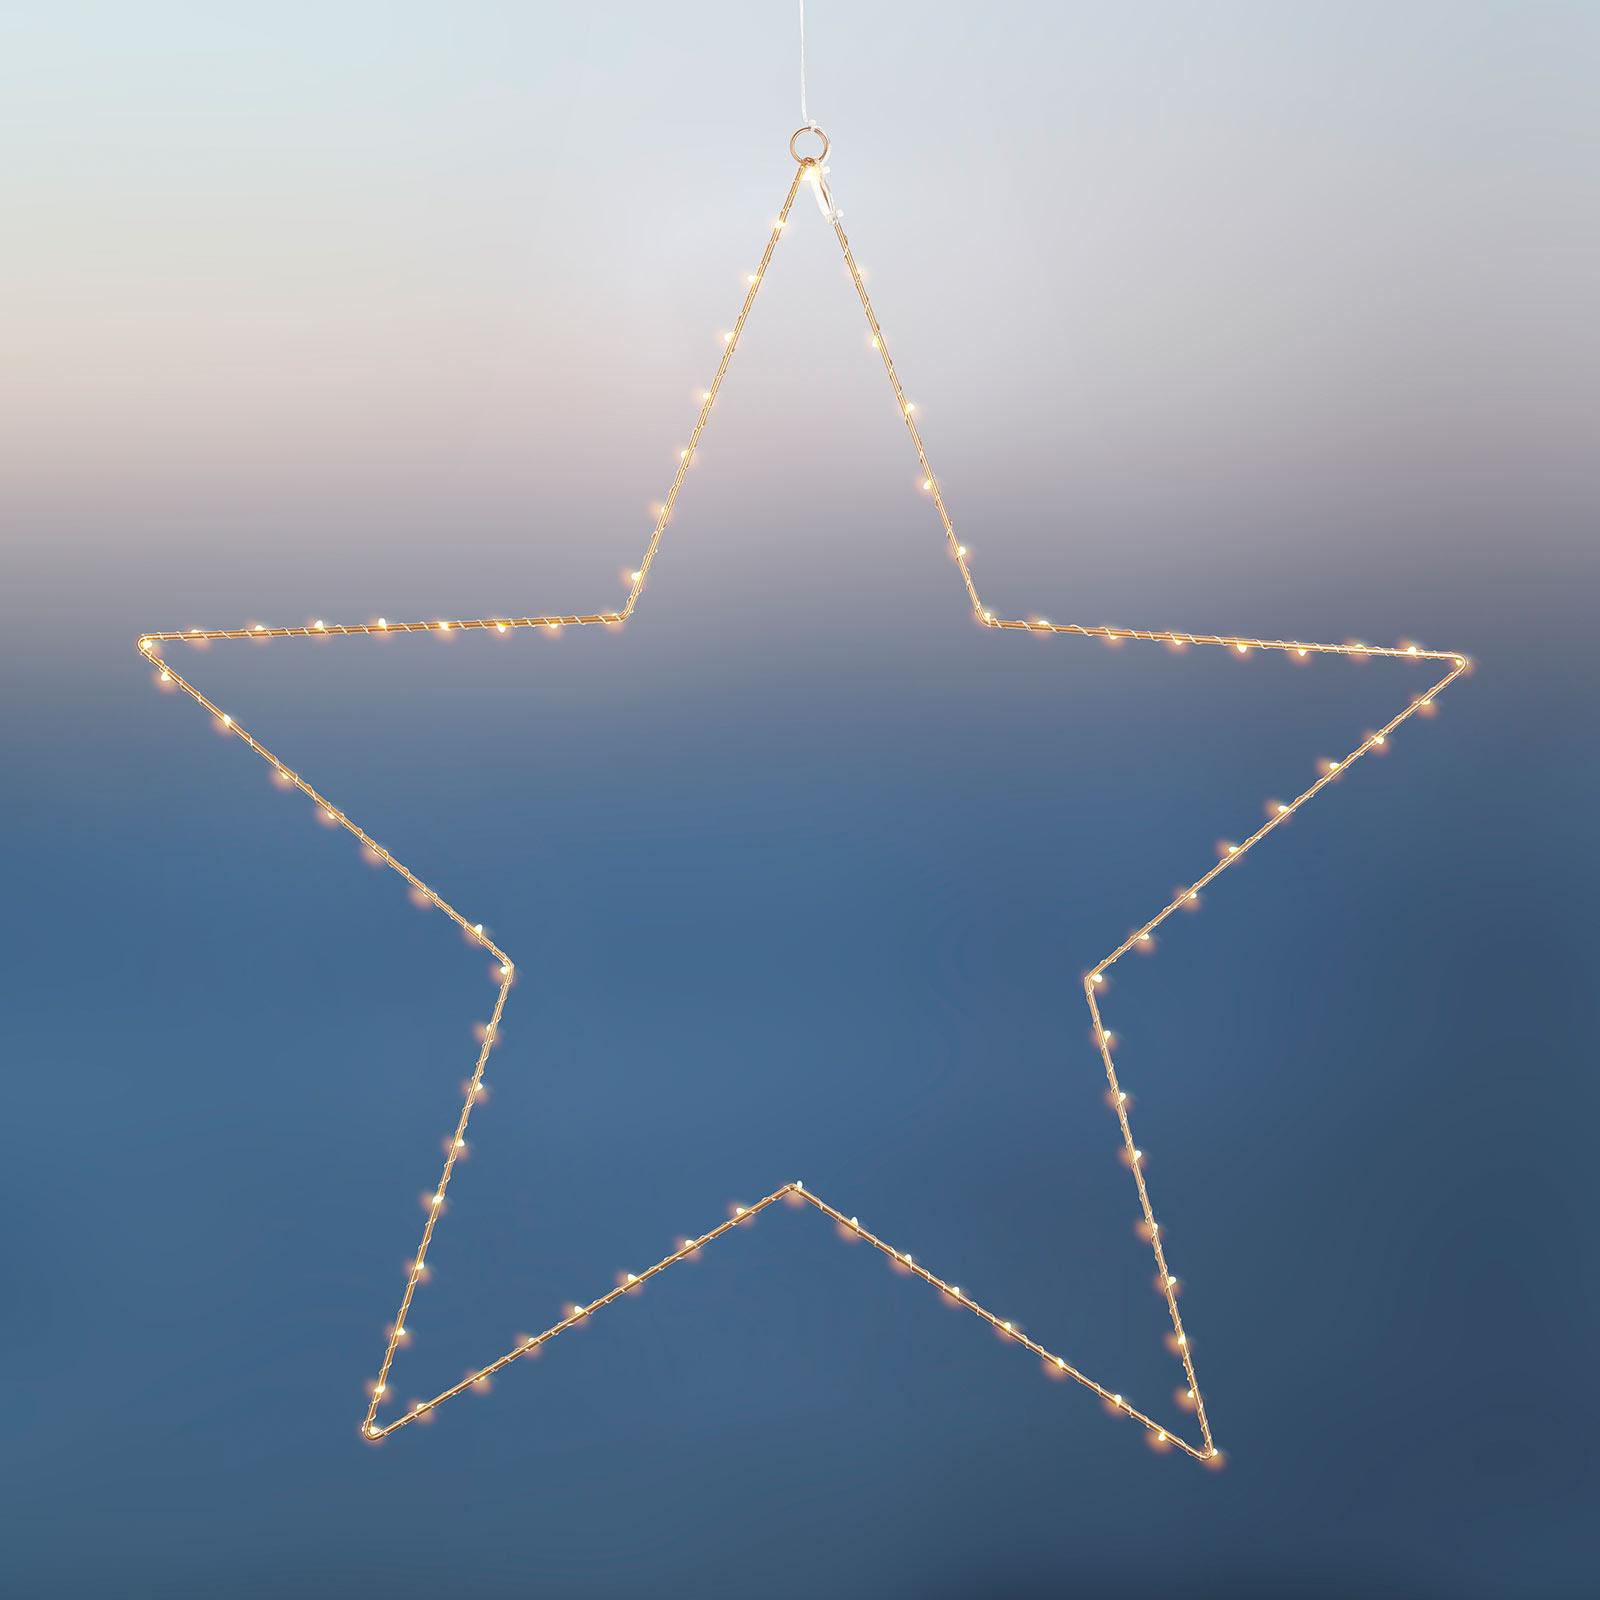 LED-Deko-Stern Liva Star, gold, Ø 70 cm